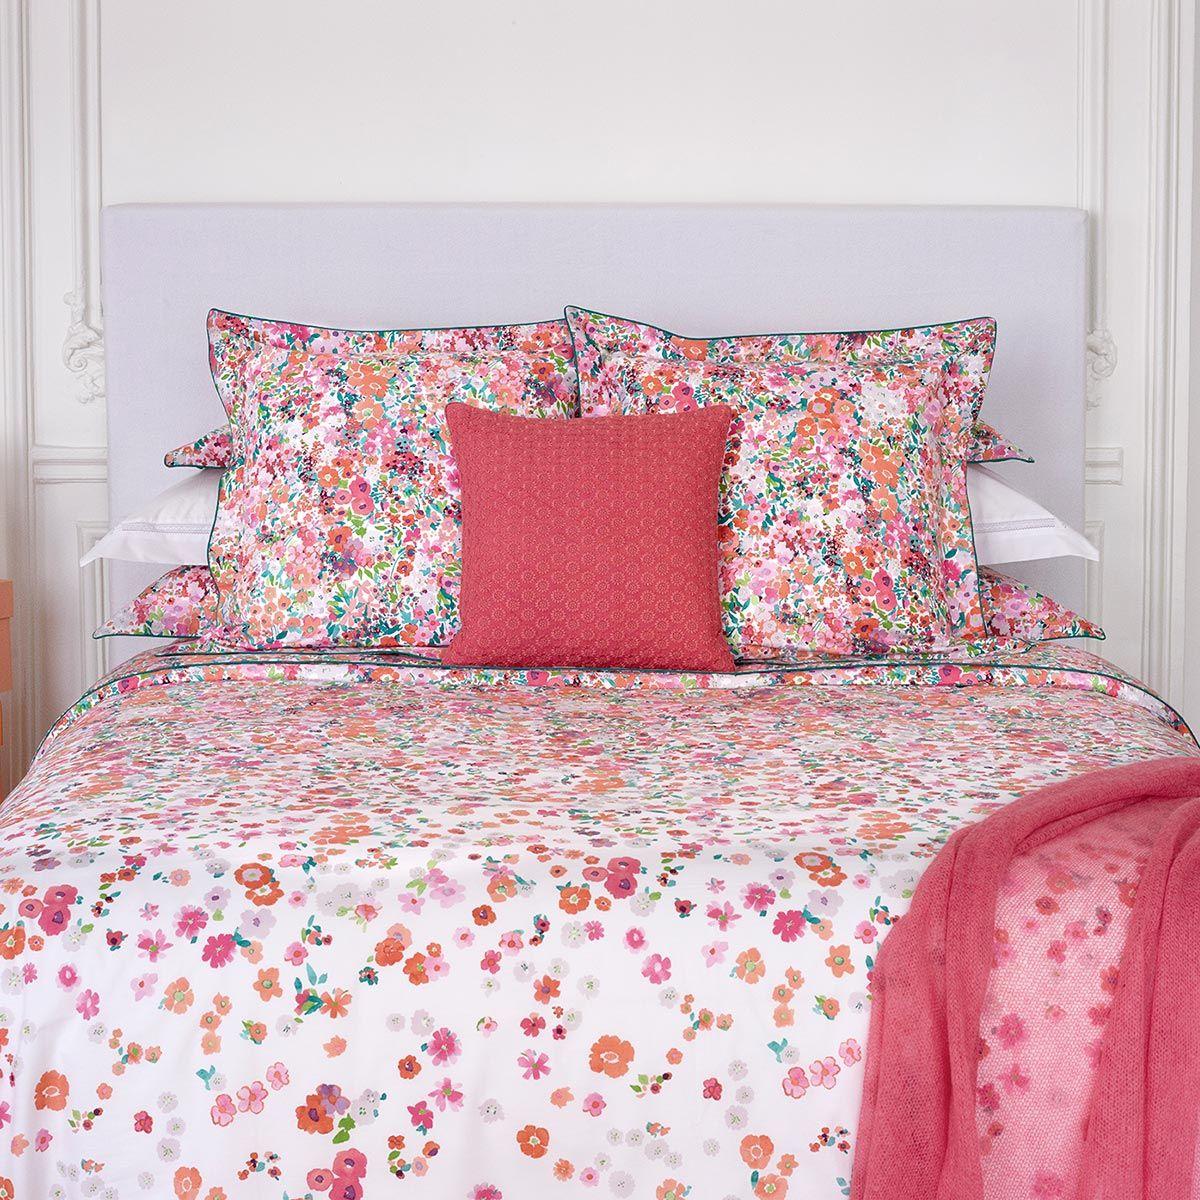 Un lit haut en couleurs, rempli de poésie et d'envies de voyages pour des nuits pleine de douceur. Modèle Millefiori, collection printemps/été 2017 #chambre #fleurs #multicolore